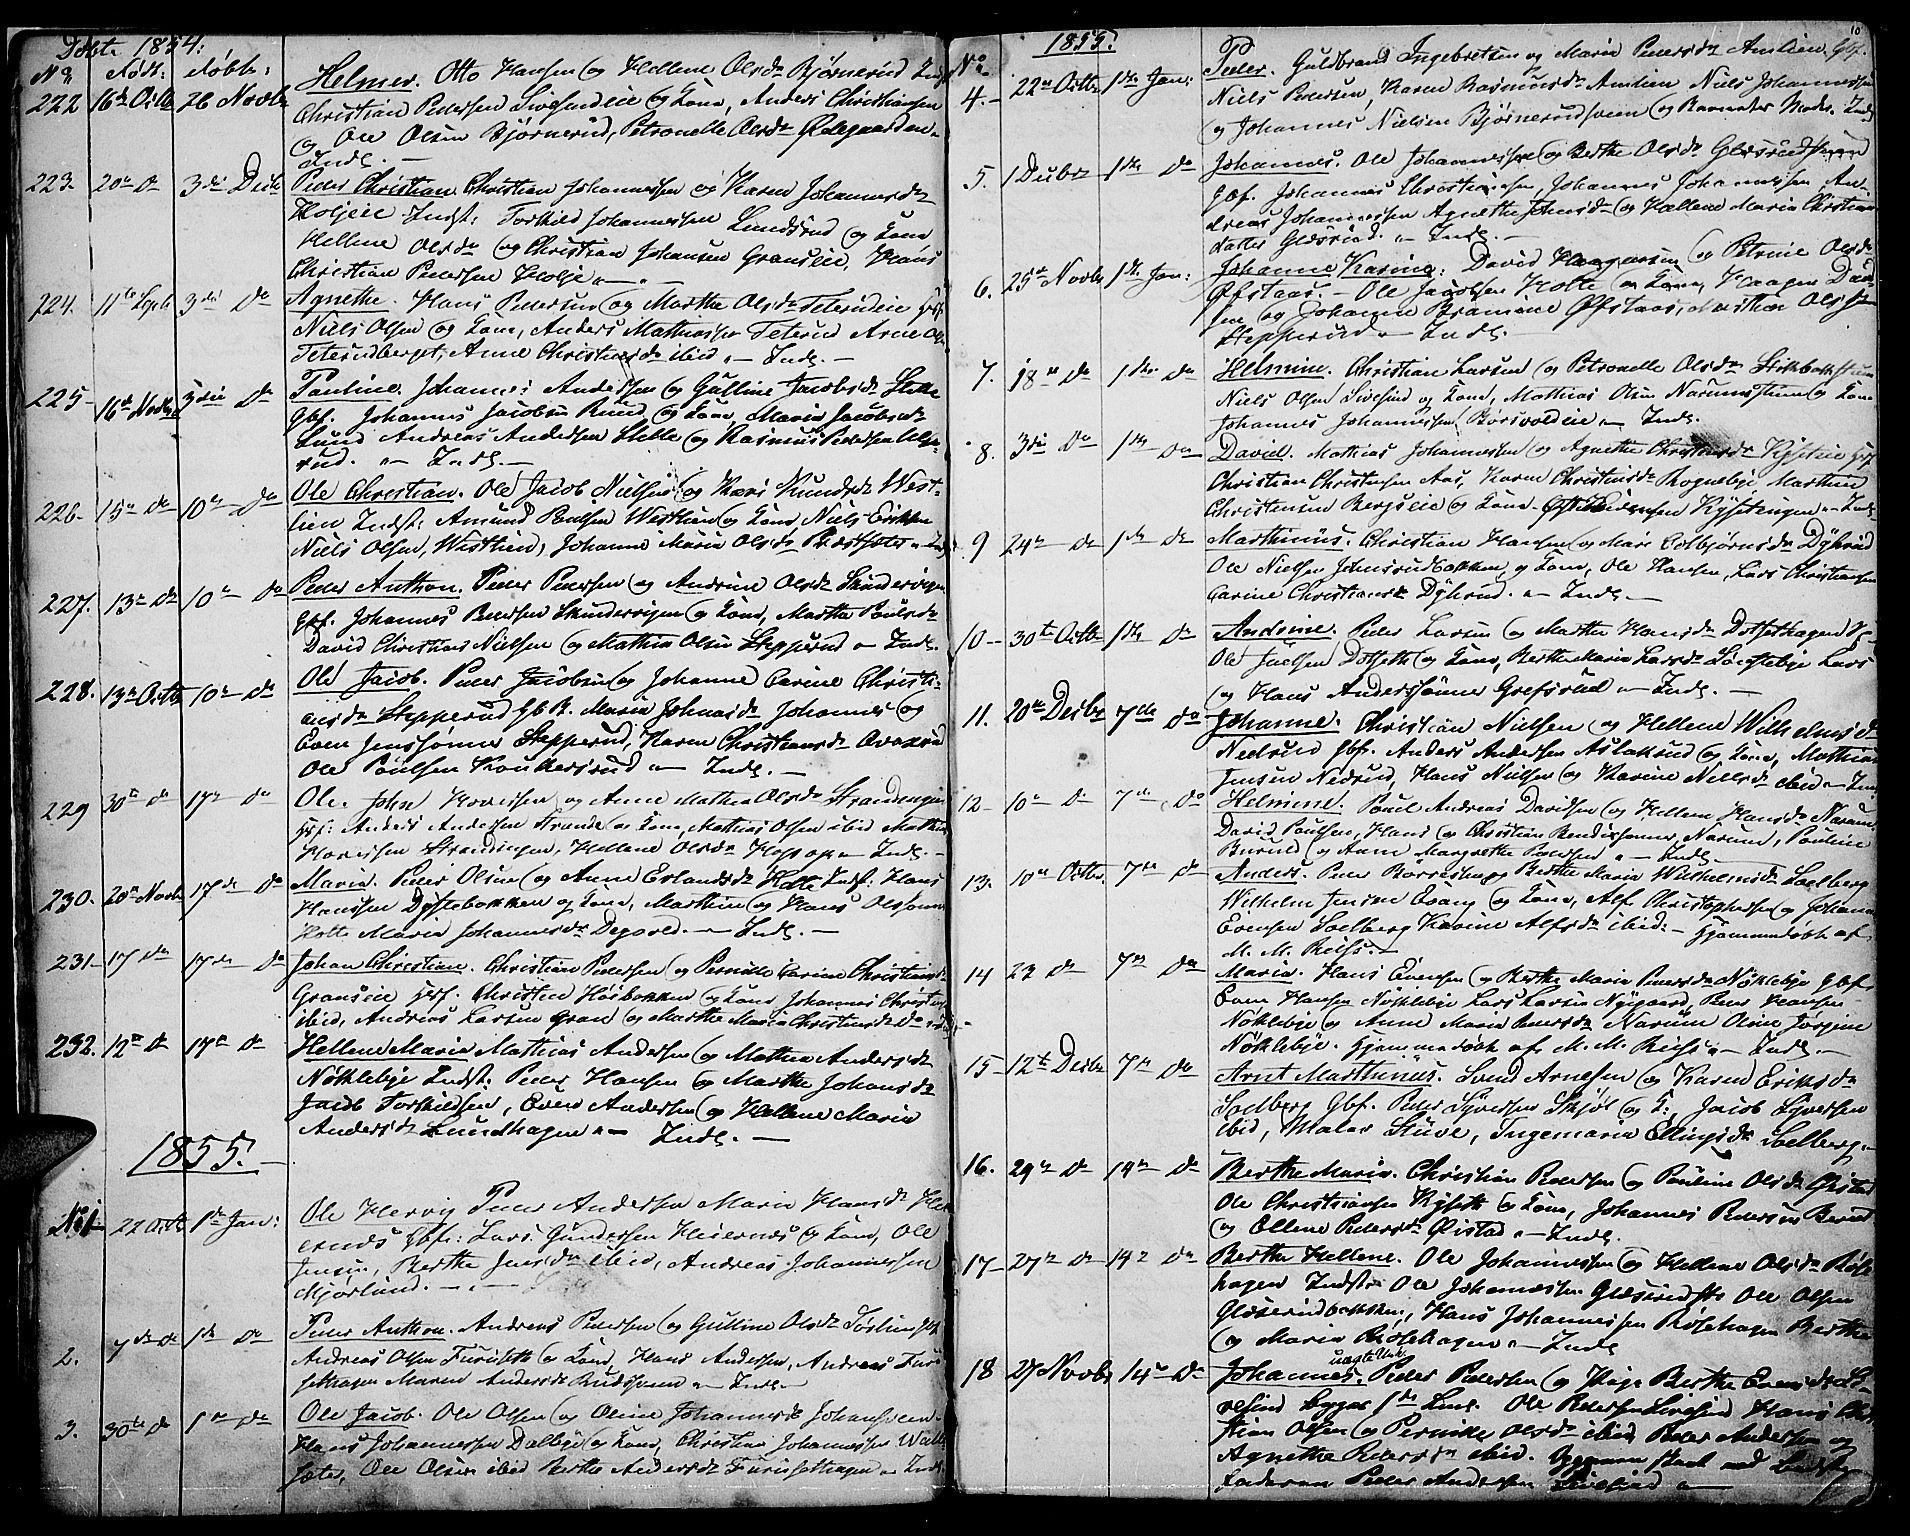 SAH, Vestre Toten prestekontor, Klokkerbok nr. 5, 1854-1870, s. 10